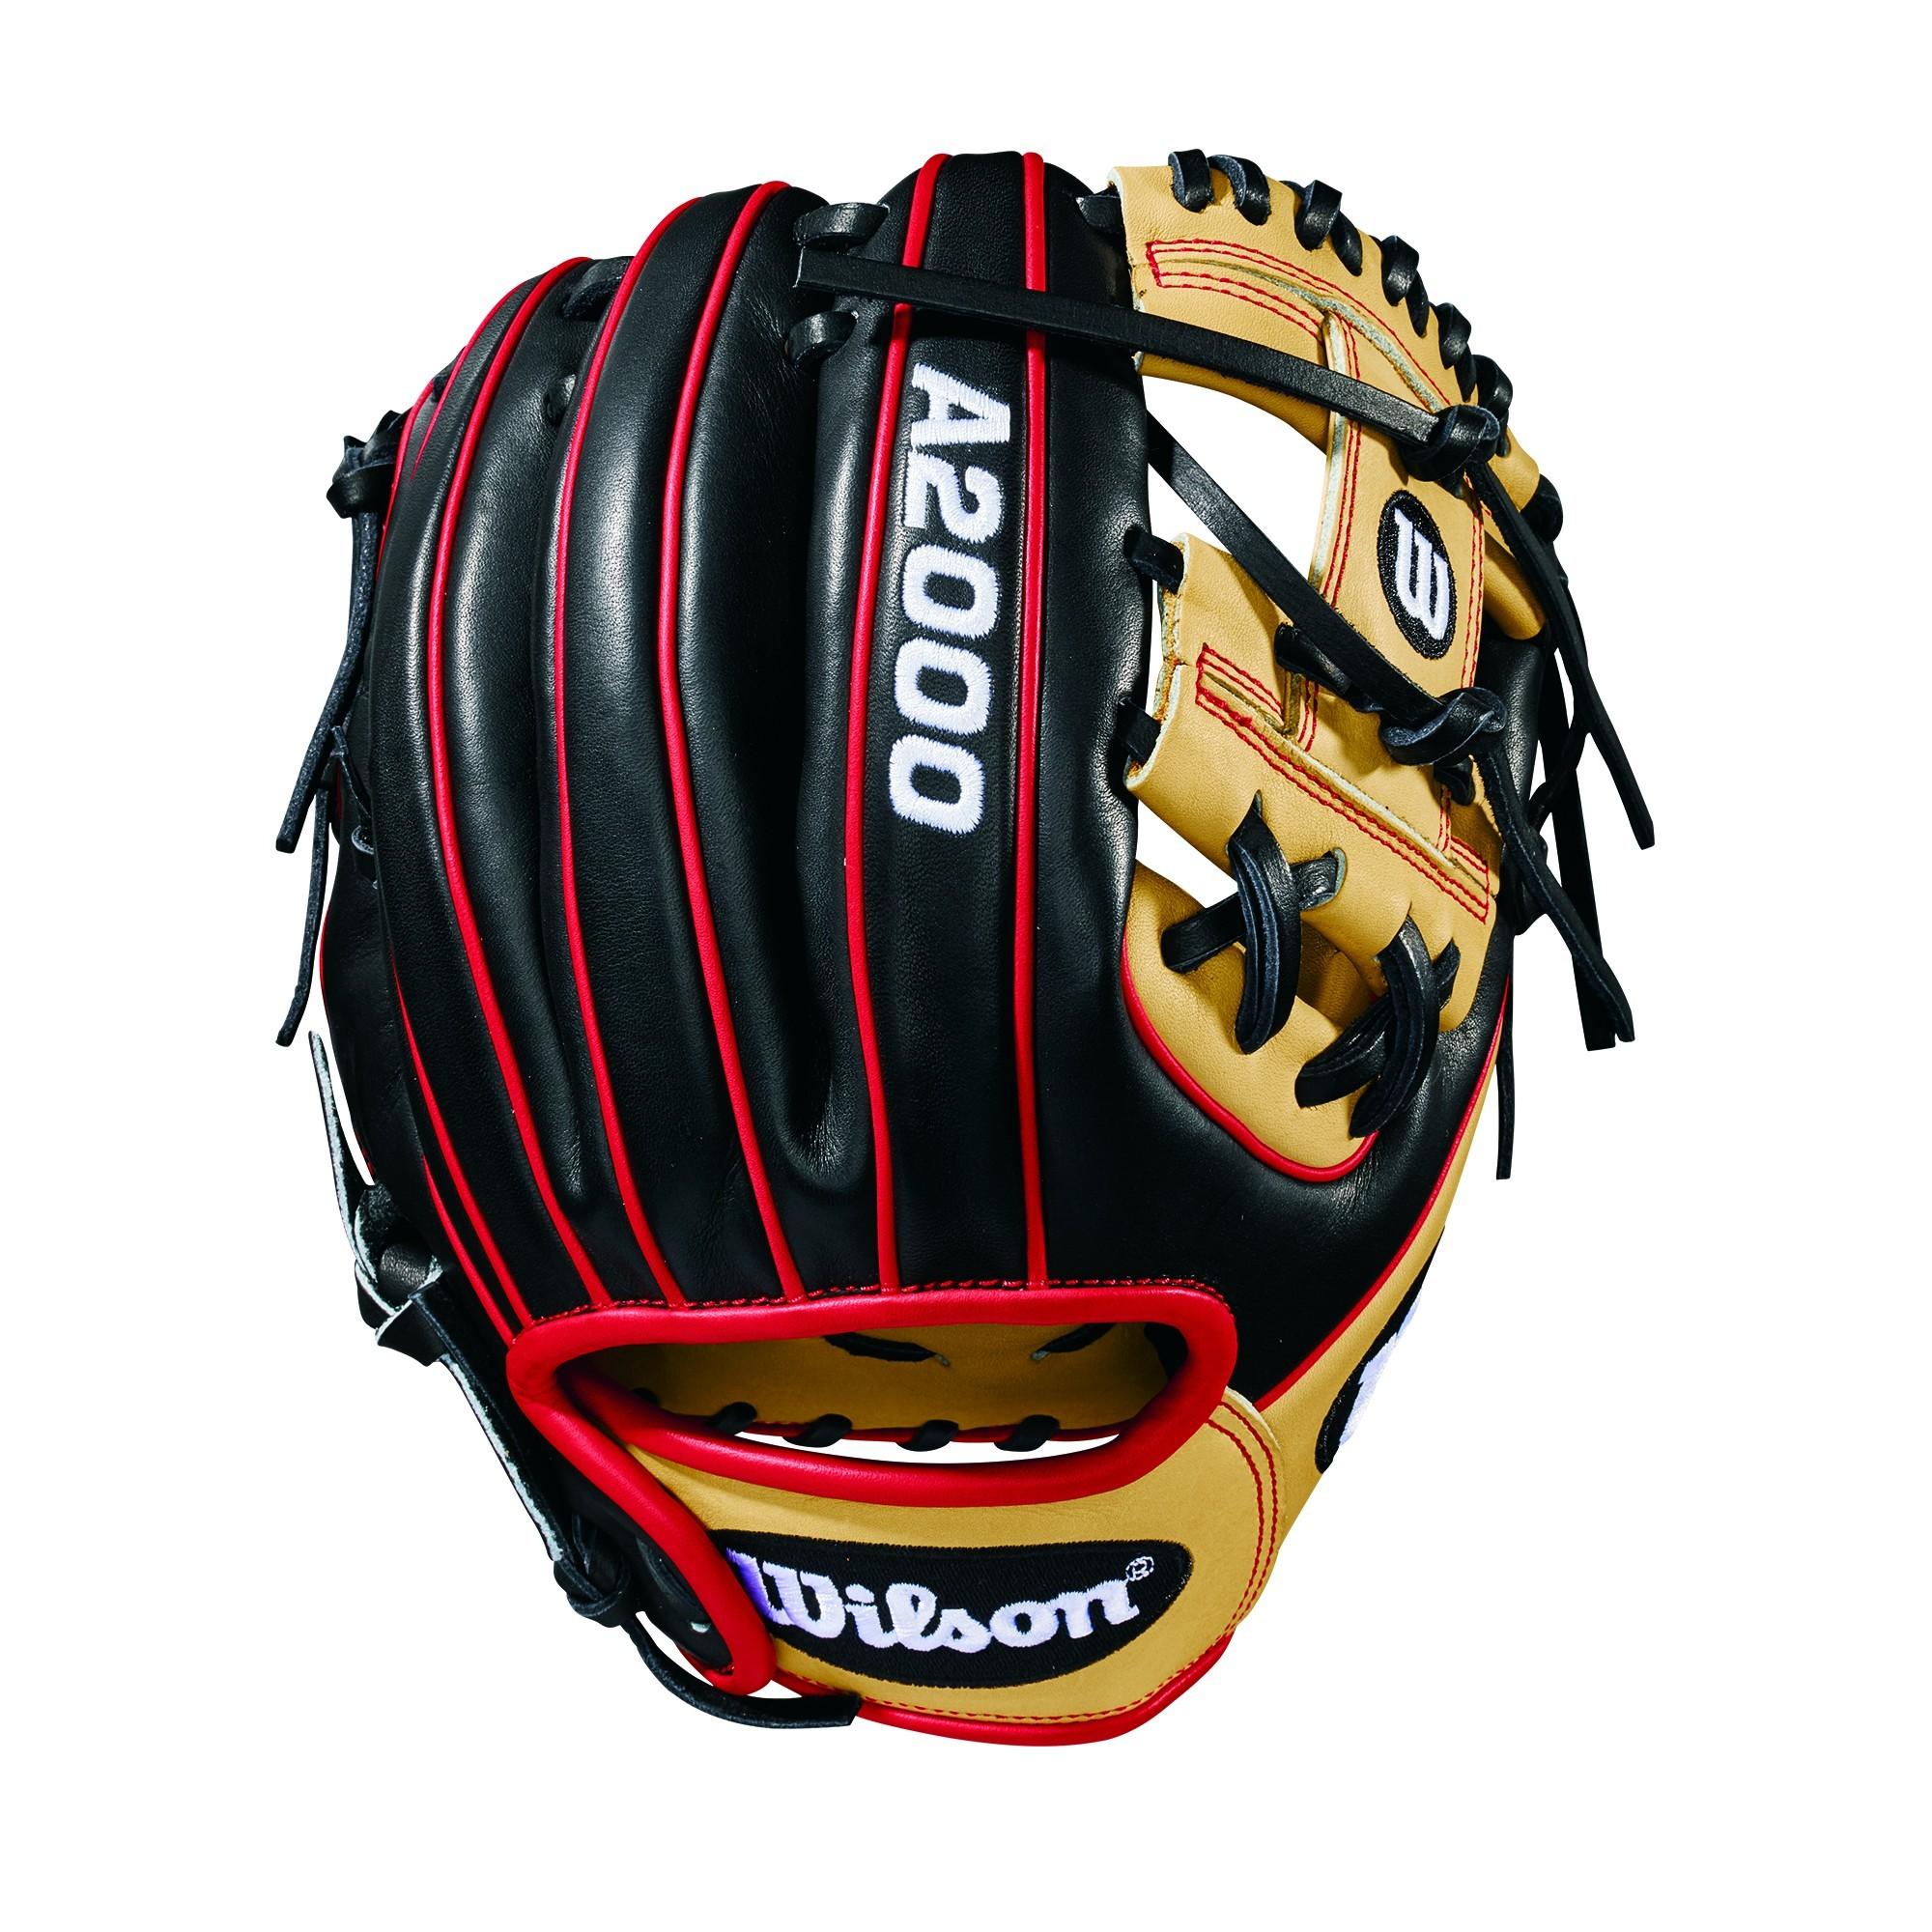 2000x2000 Wilson A2000 Pf88 Infield Baseball Glove